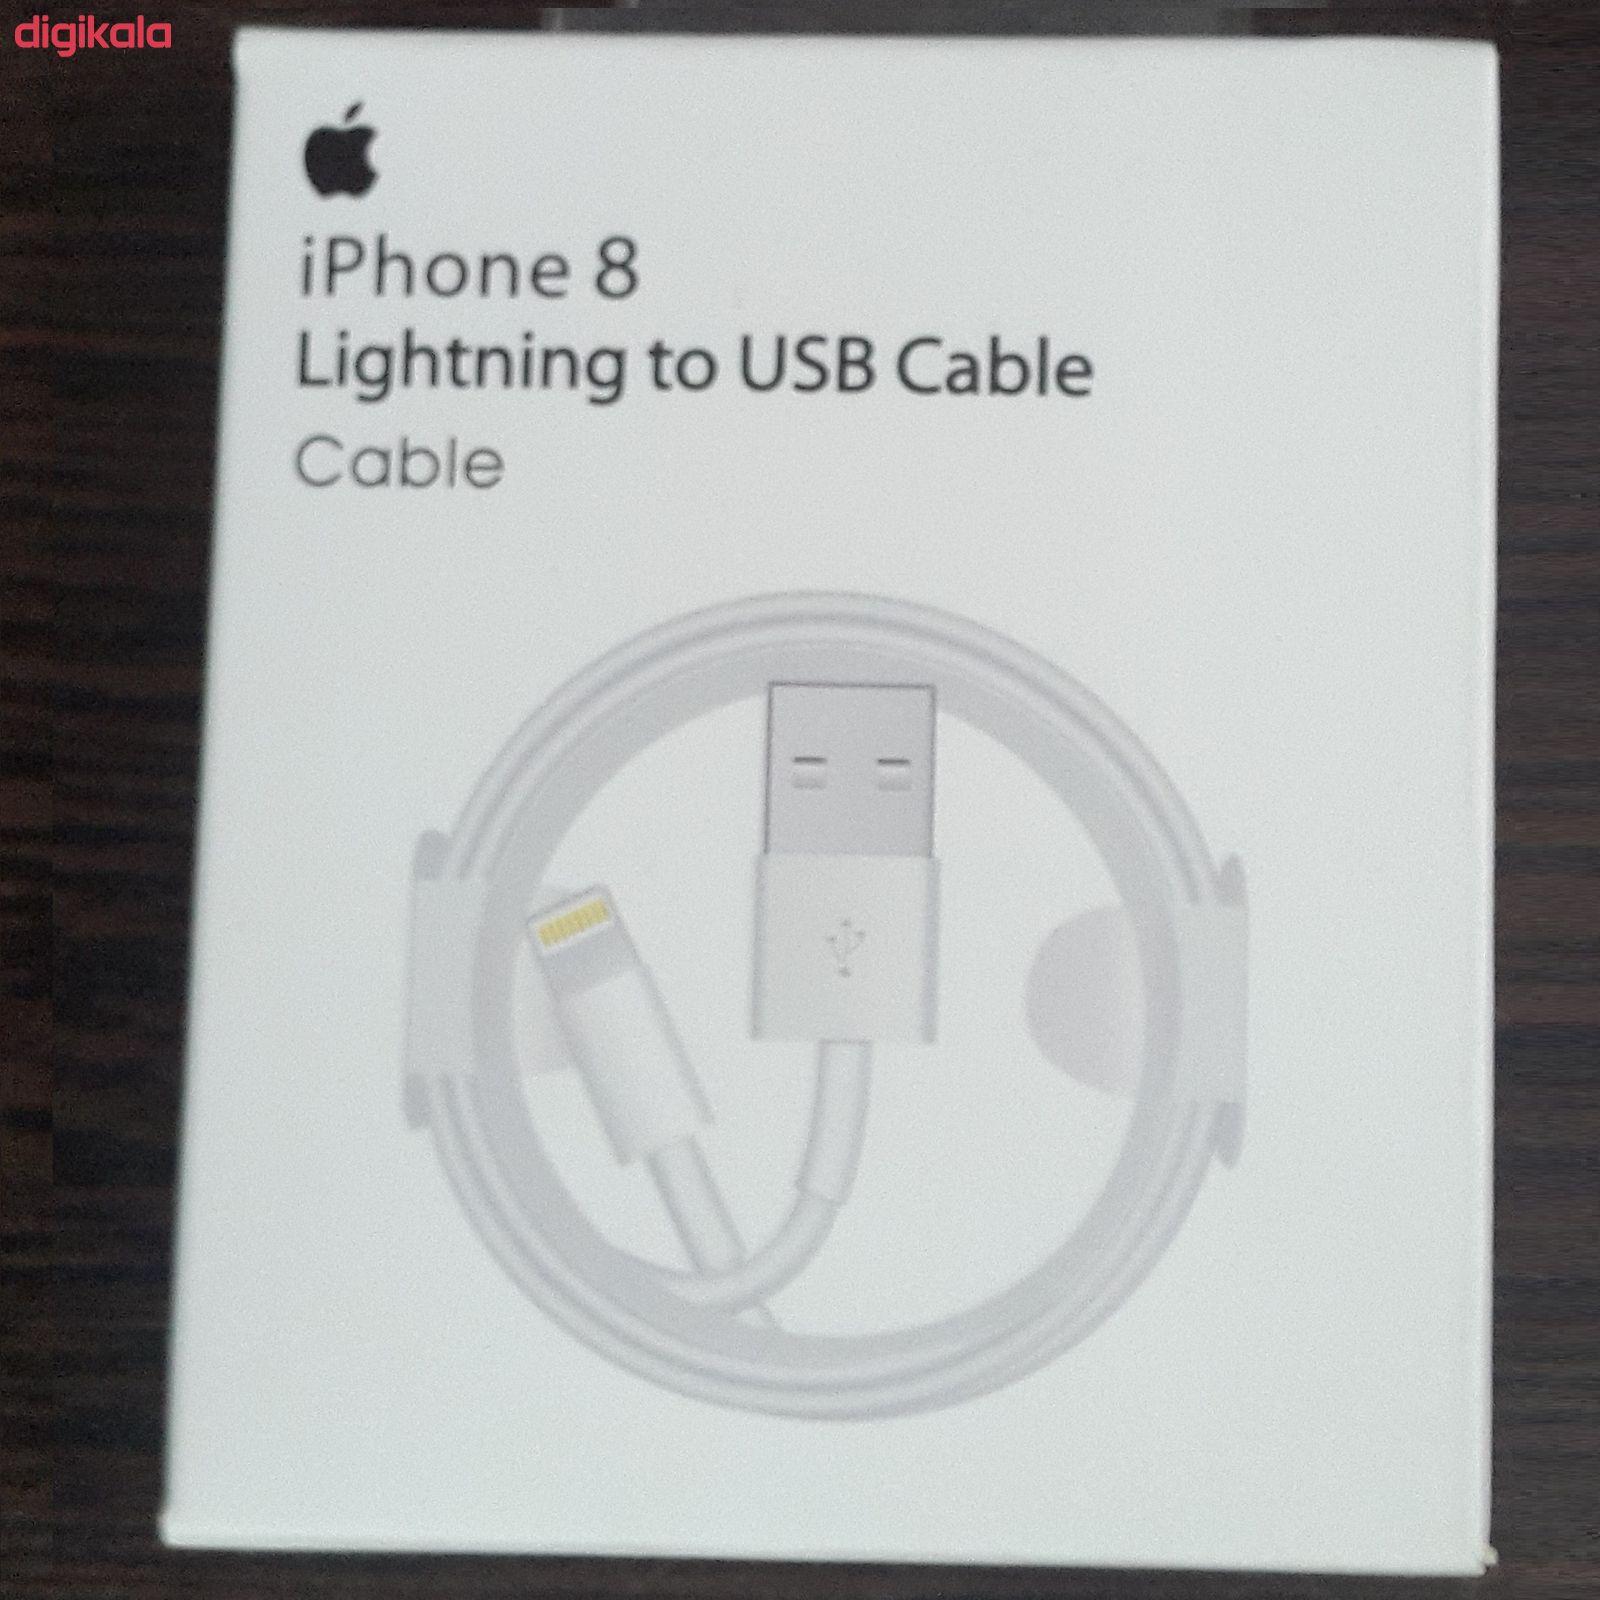 کابل تبدیل USB به لایتنینگ مدل MD818ZM/A طول 1متر main 1 4